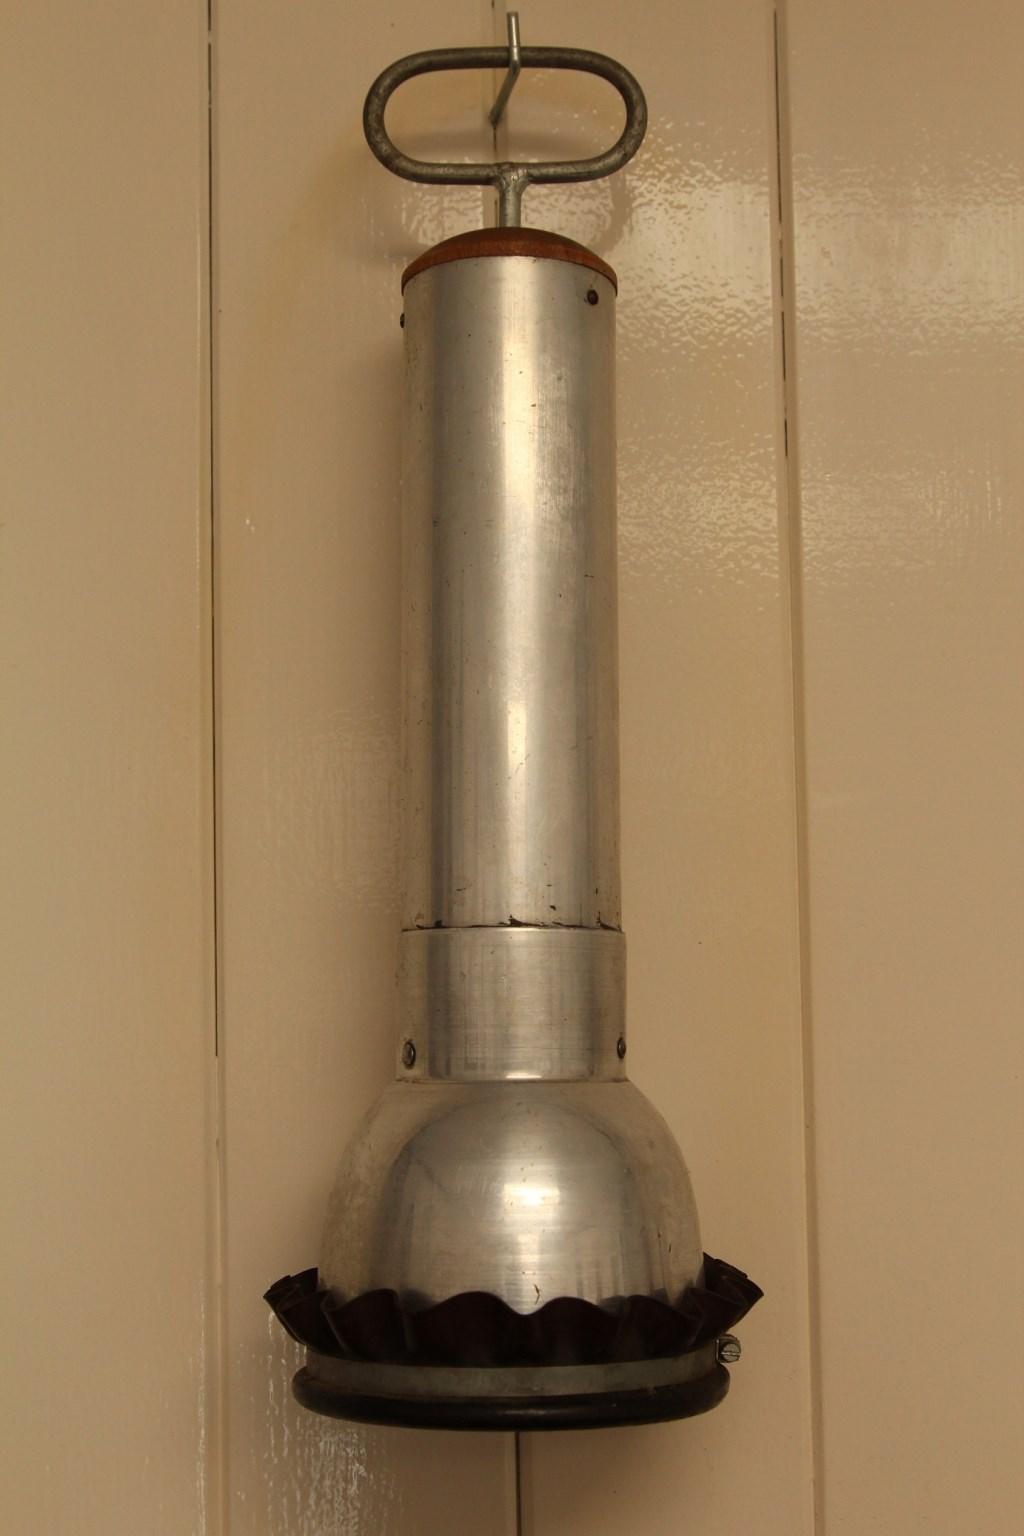 Luchtpomp voor kalveren. (foto: Fons Brekelmans)